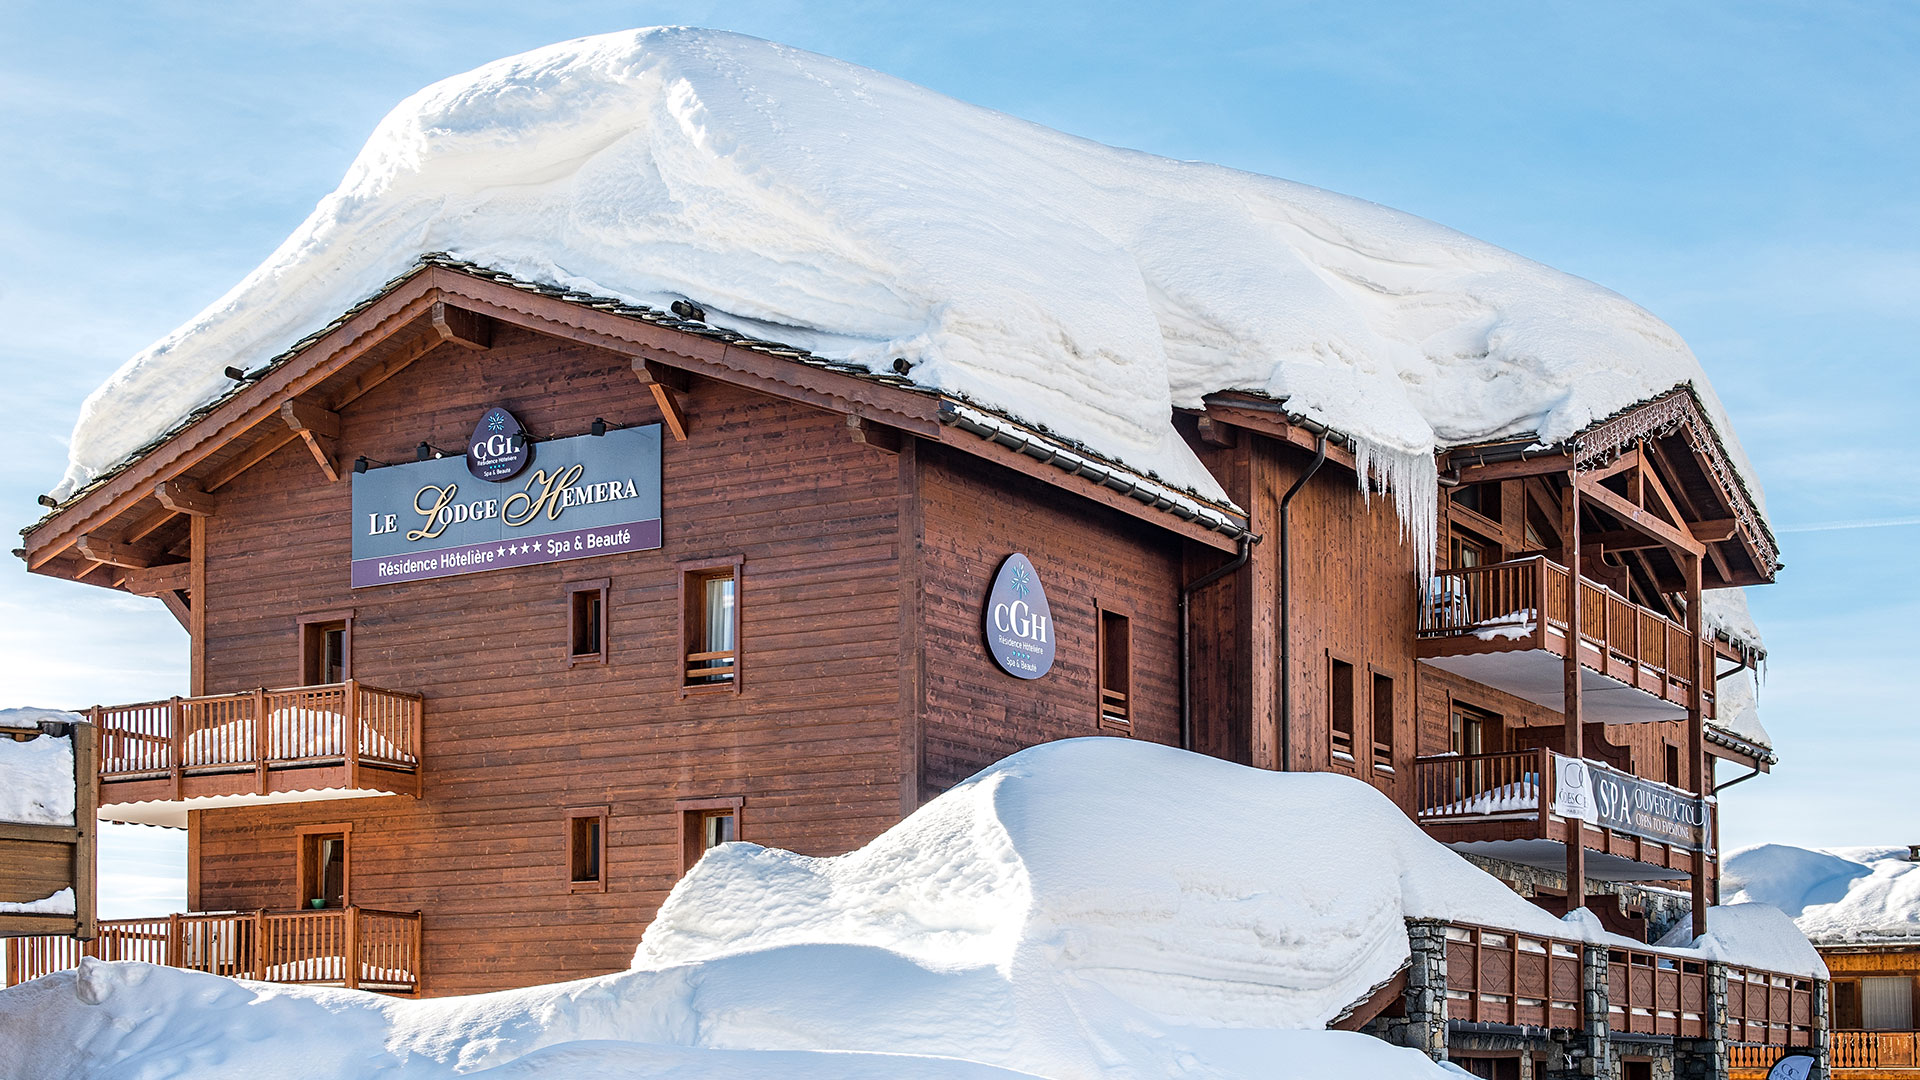 Extérieur hiver, Le Lodge Hemera - CGH Résidences